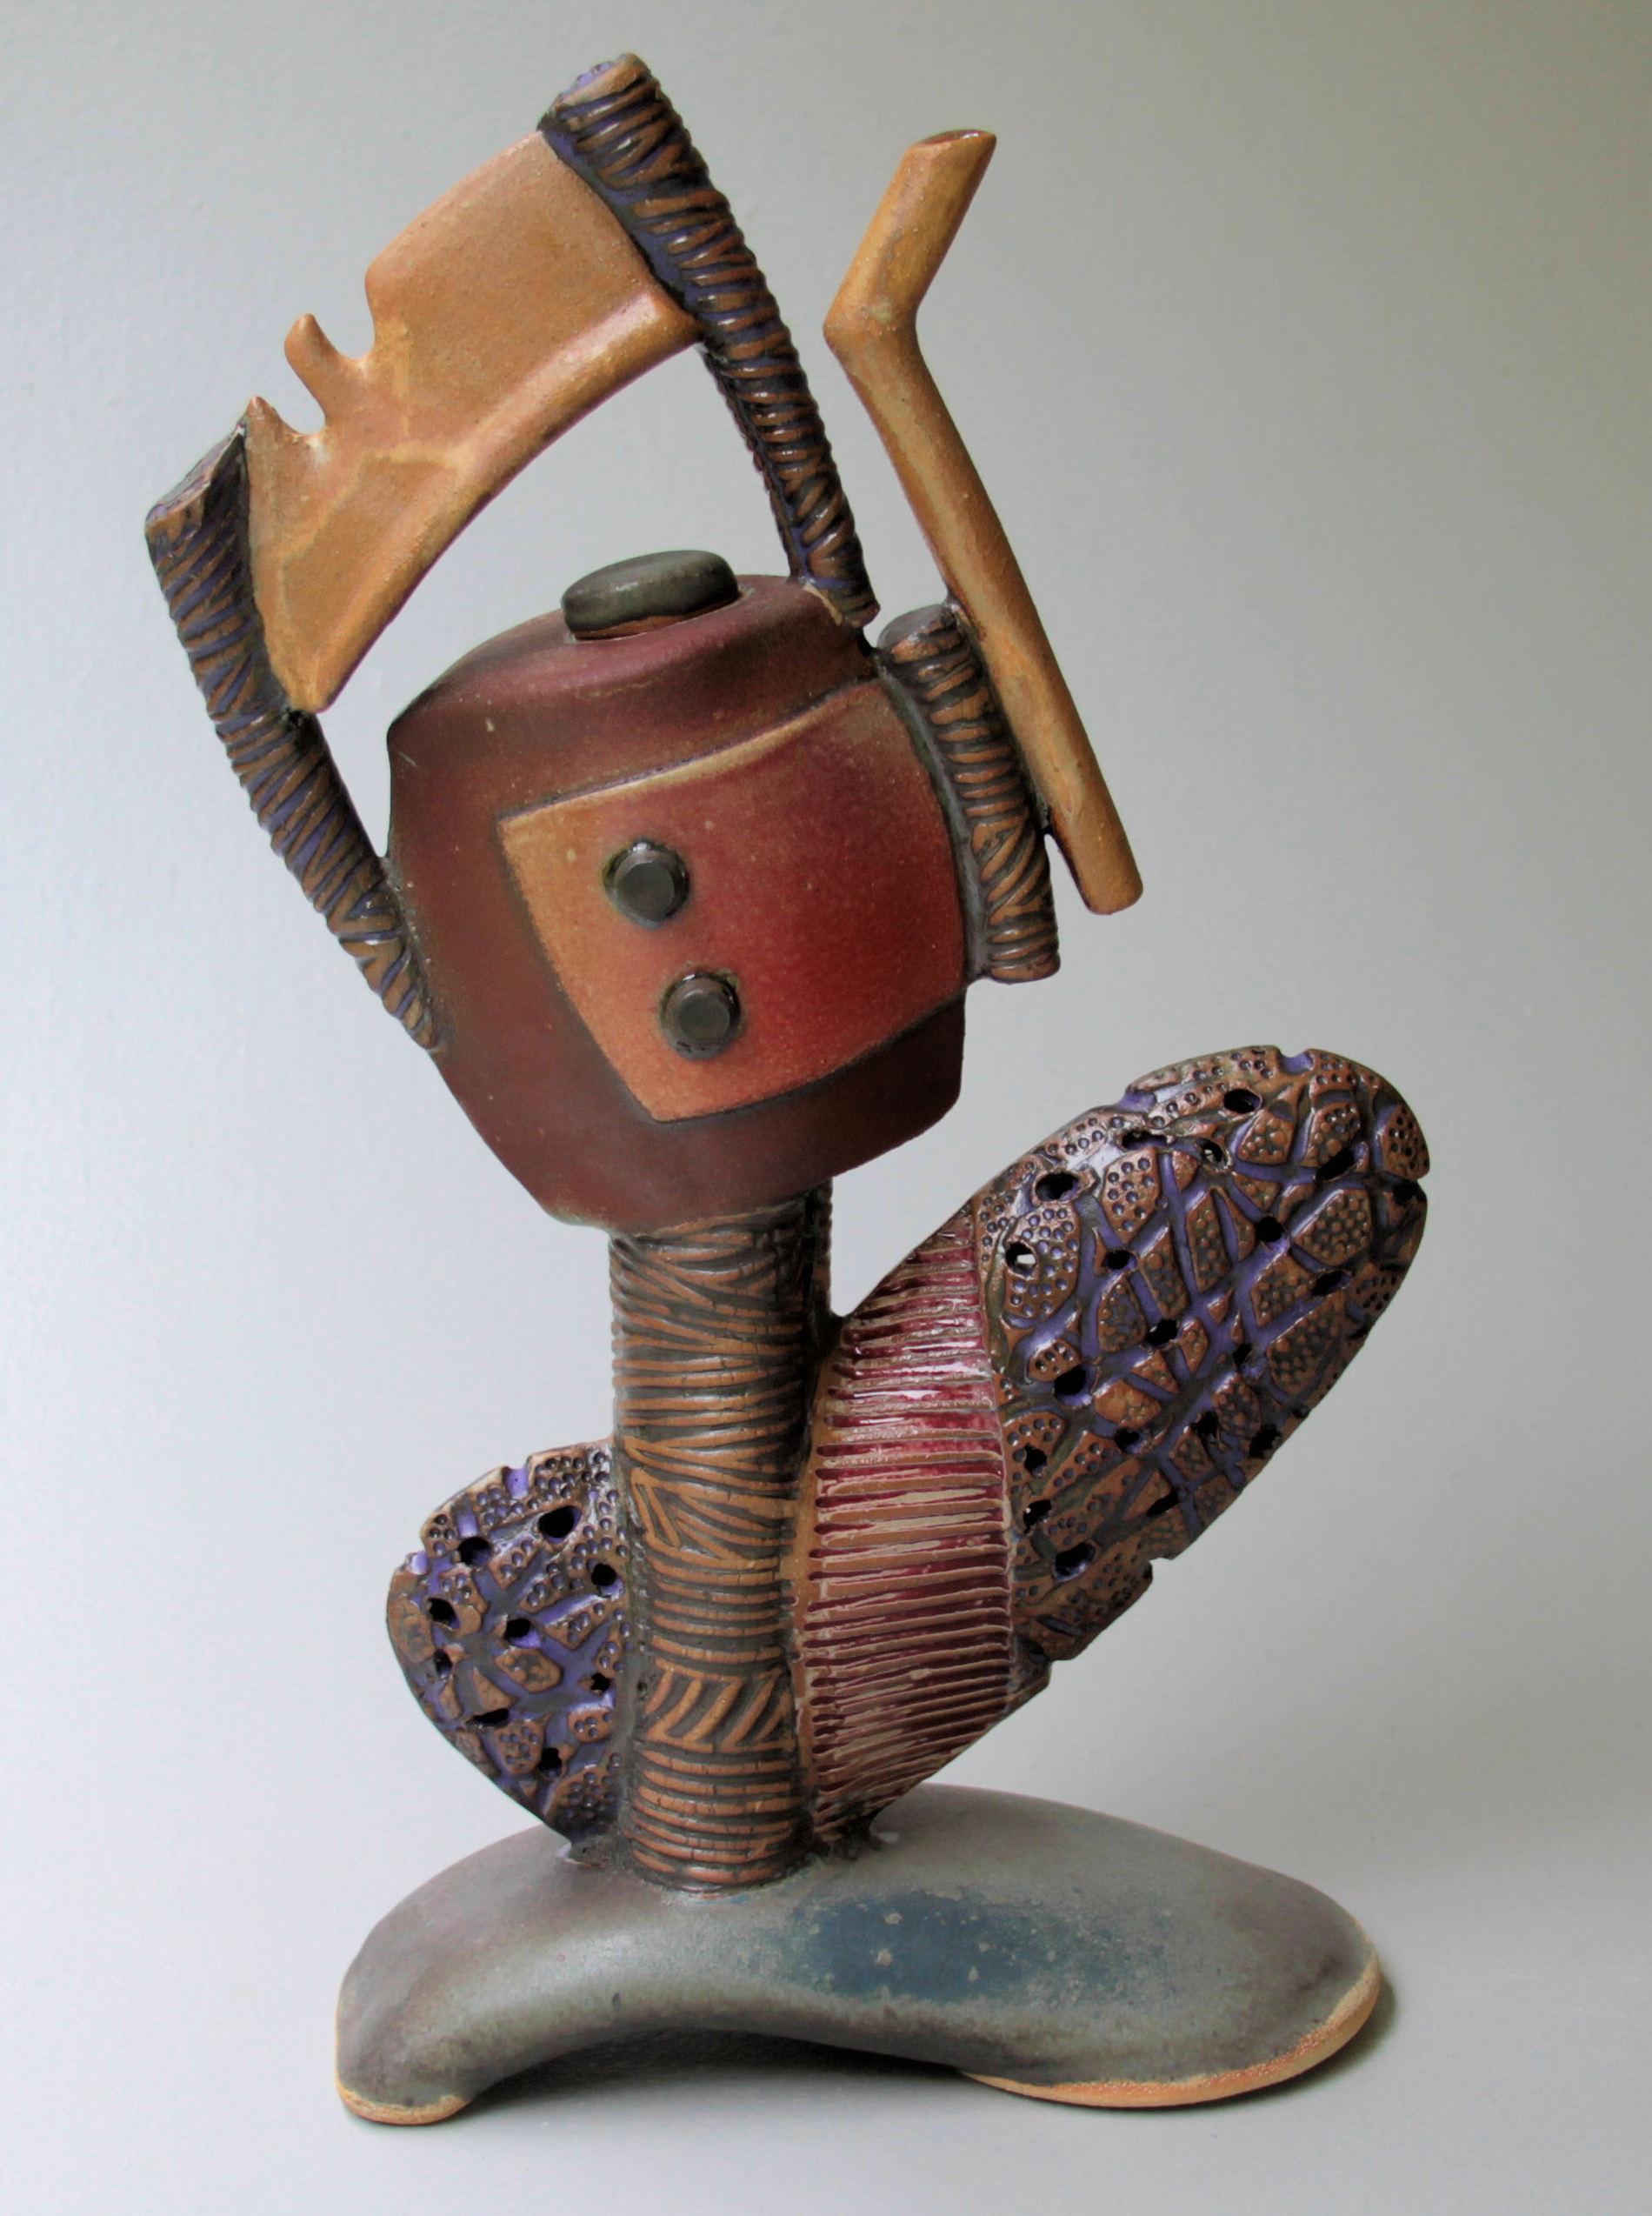 Sculptural Teapot by Helene Fielder